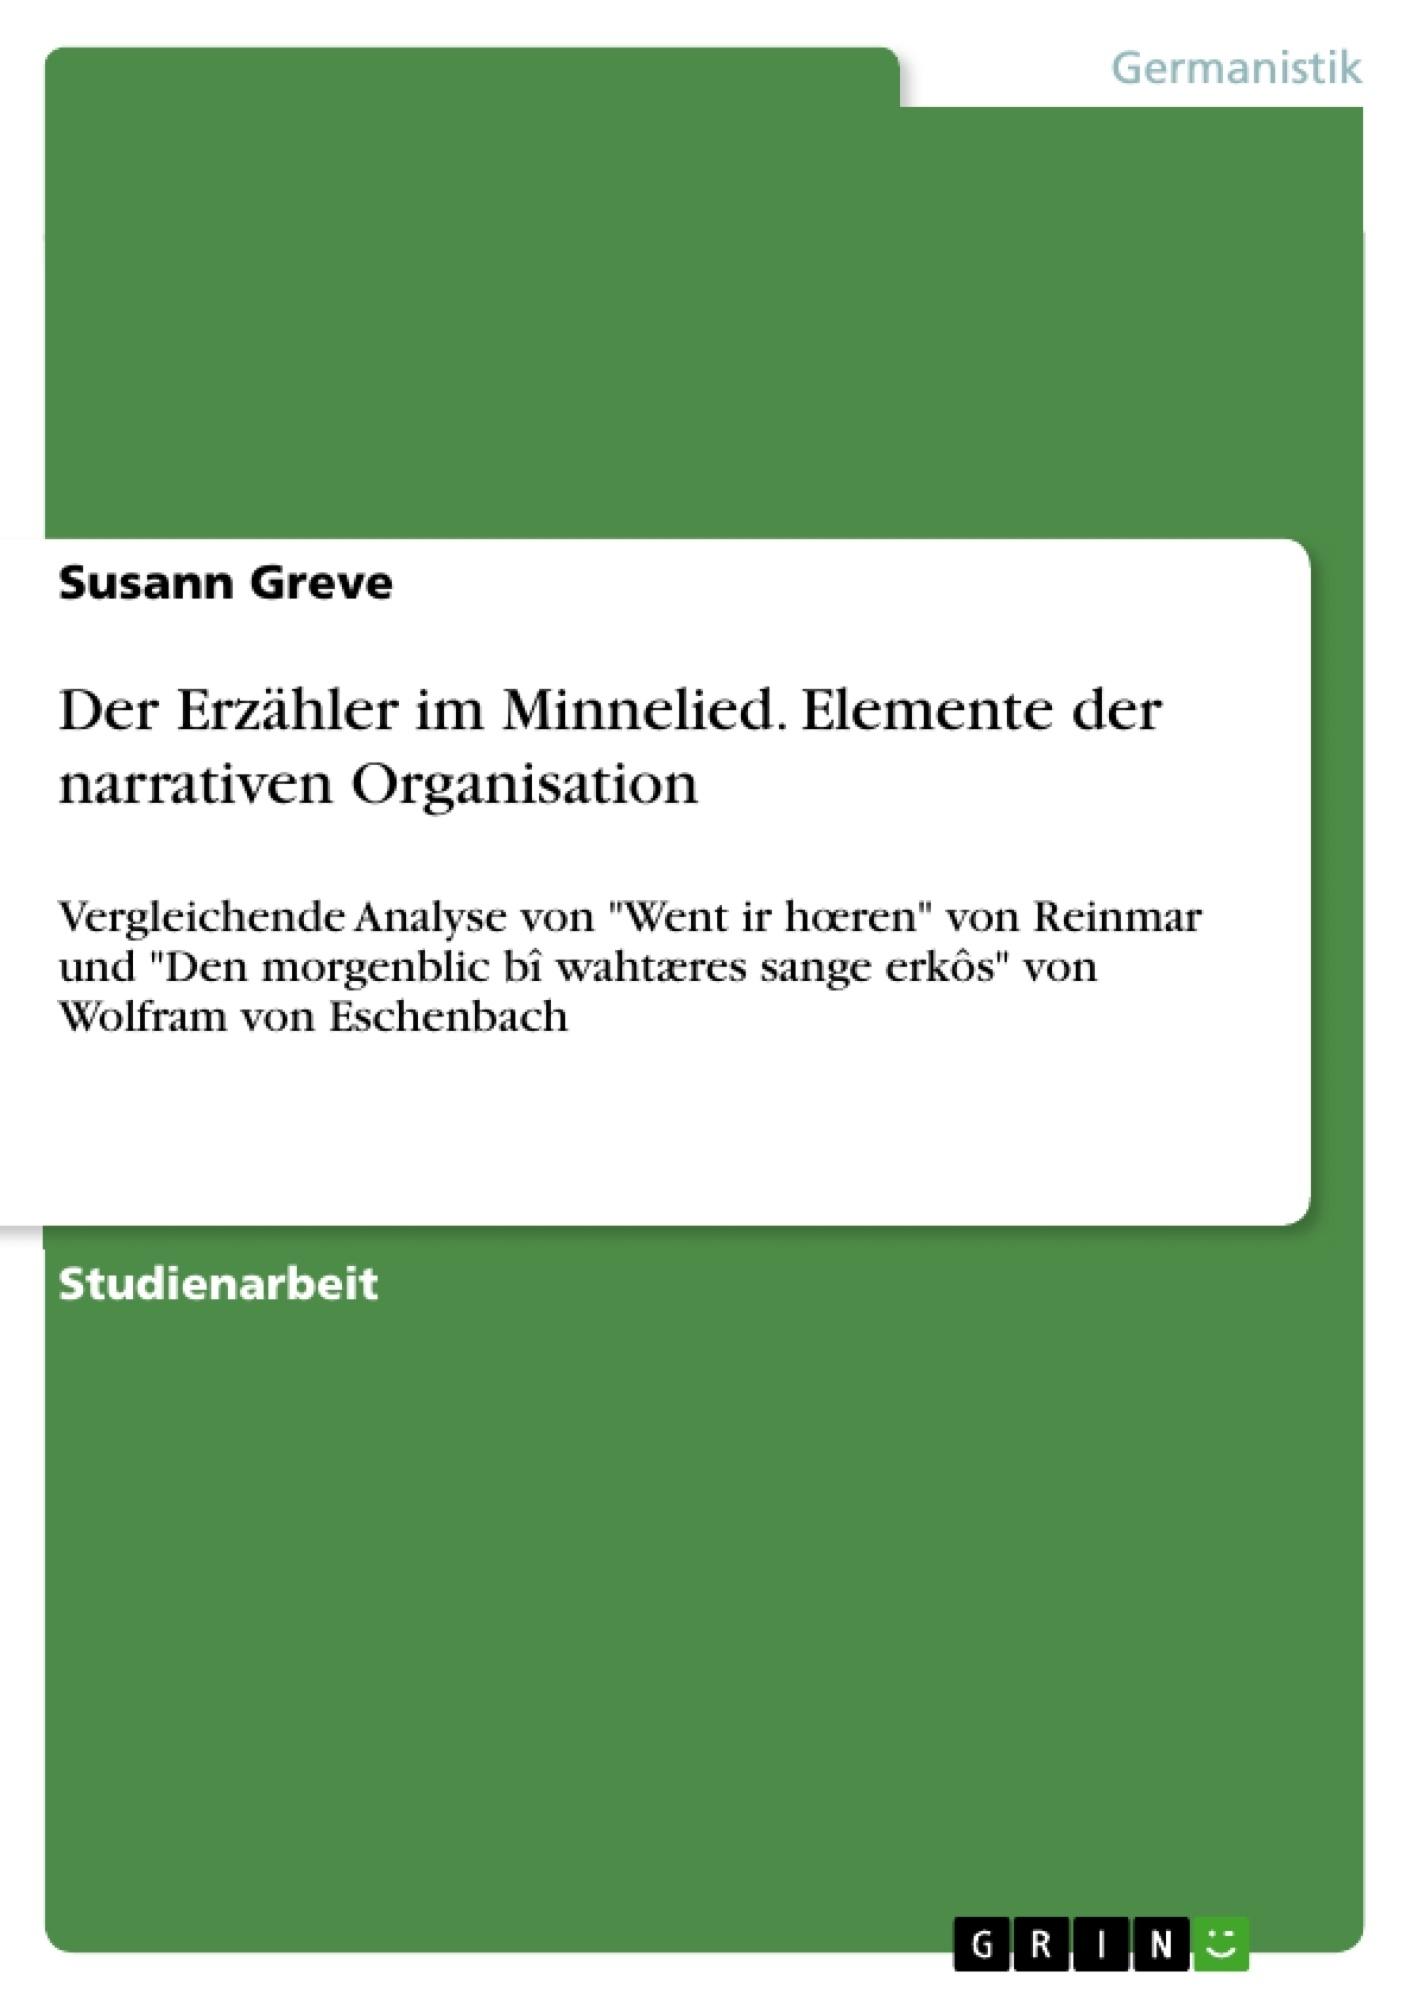 Titel: Der Erzähler im Minnelied. Elemente der narrativen Organisation